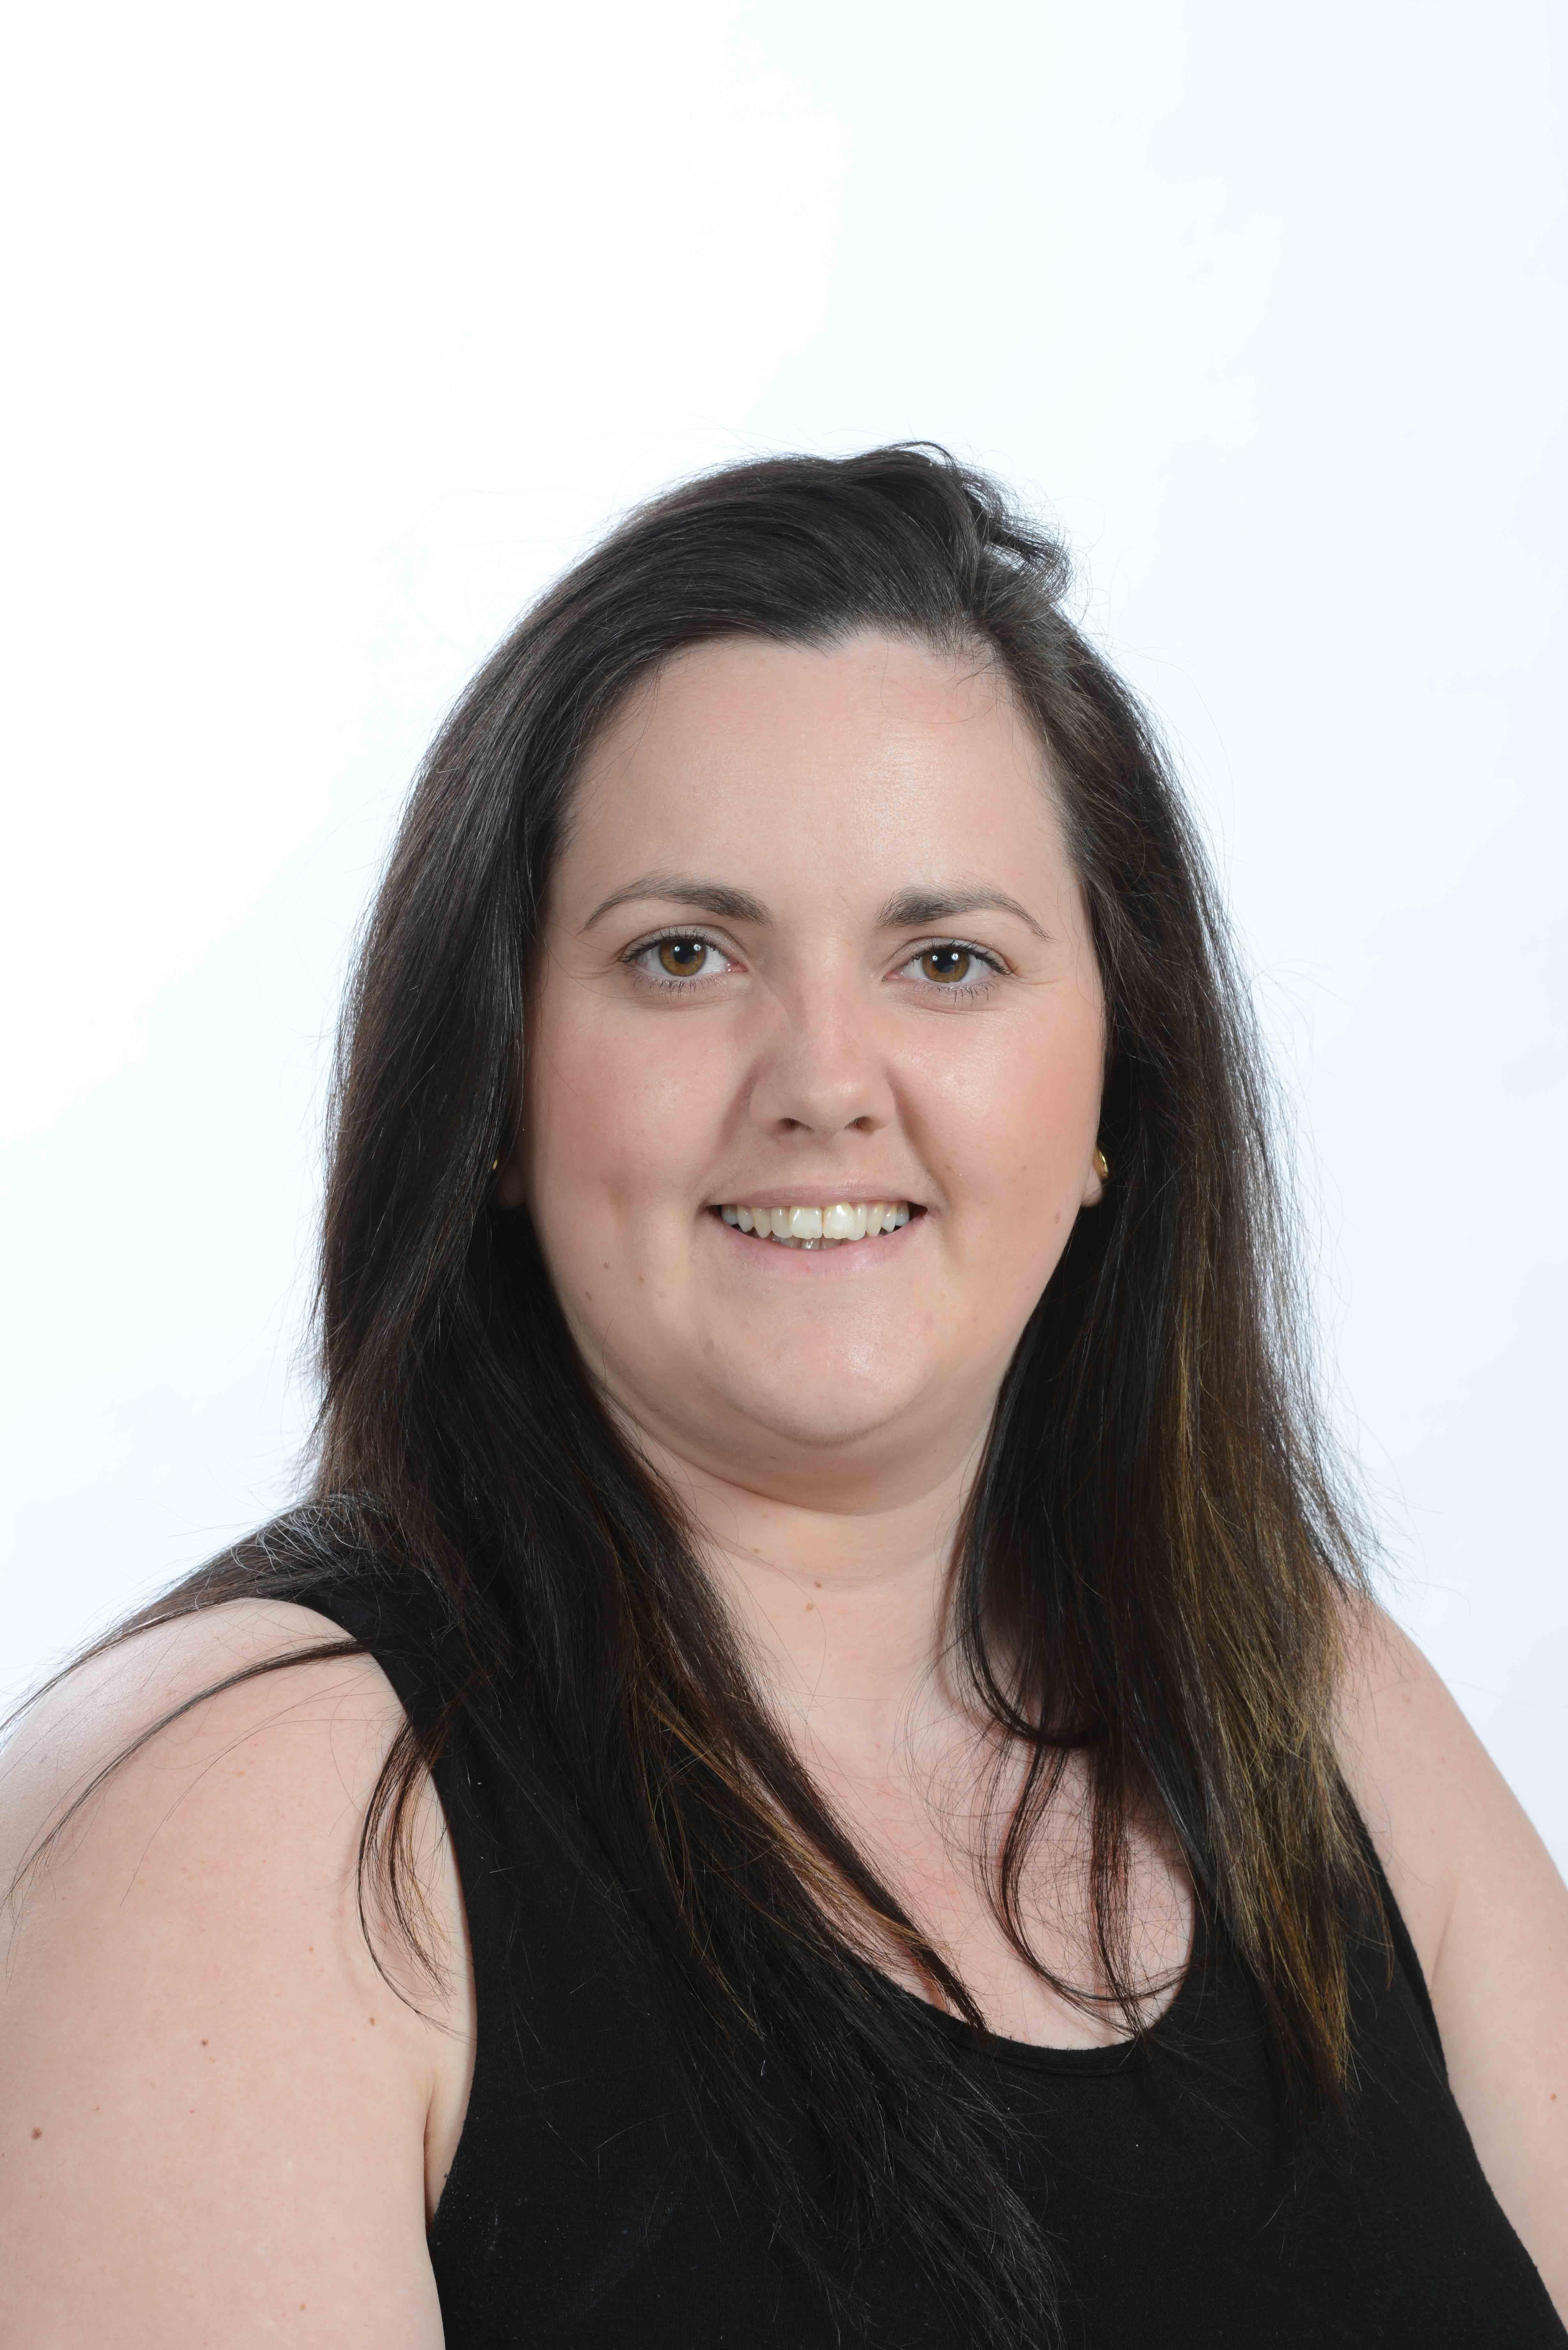 Faye Moran